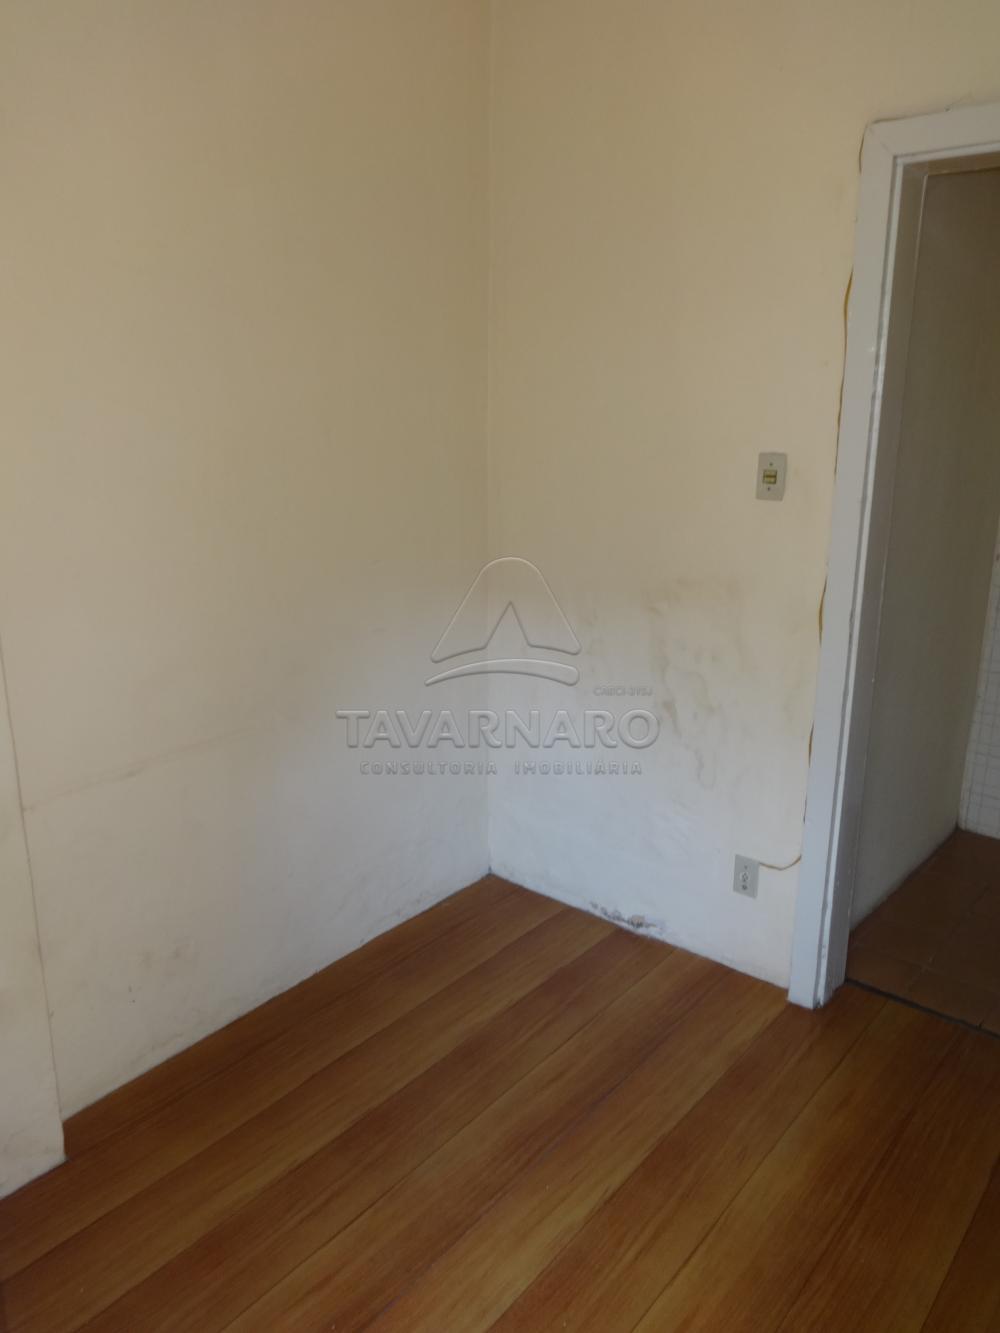 Alugar Casa / Padrão em Ponta Grossa apenas R$ 350,00 - Foto 2